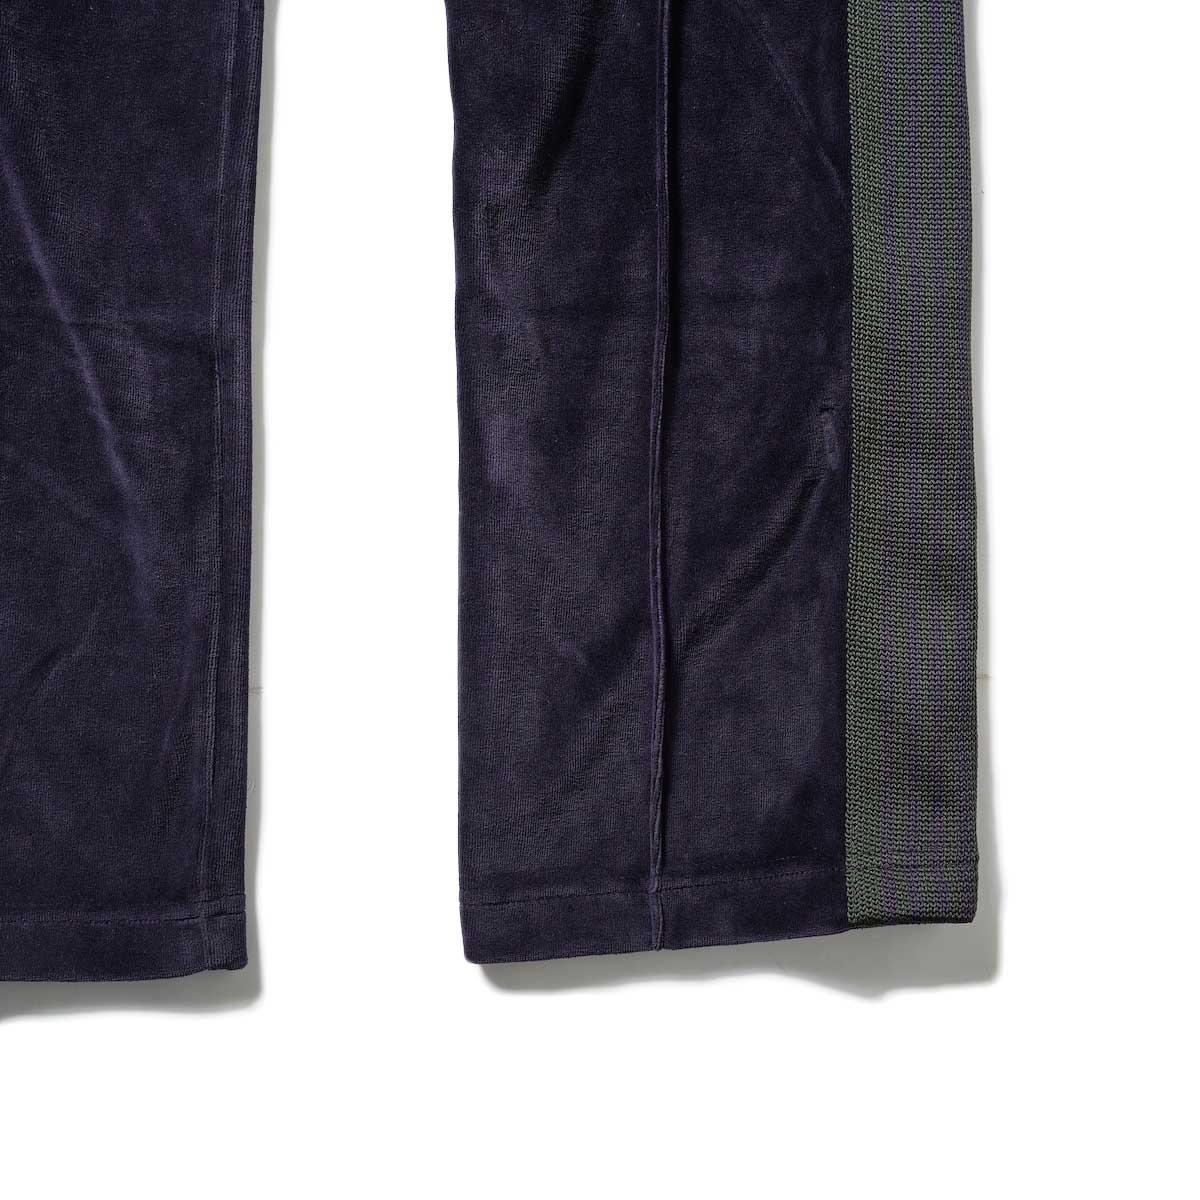 Needles / NARROW TRACK PANT - C/PE VELOUR (Eggplant)裾